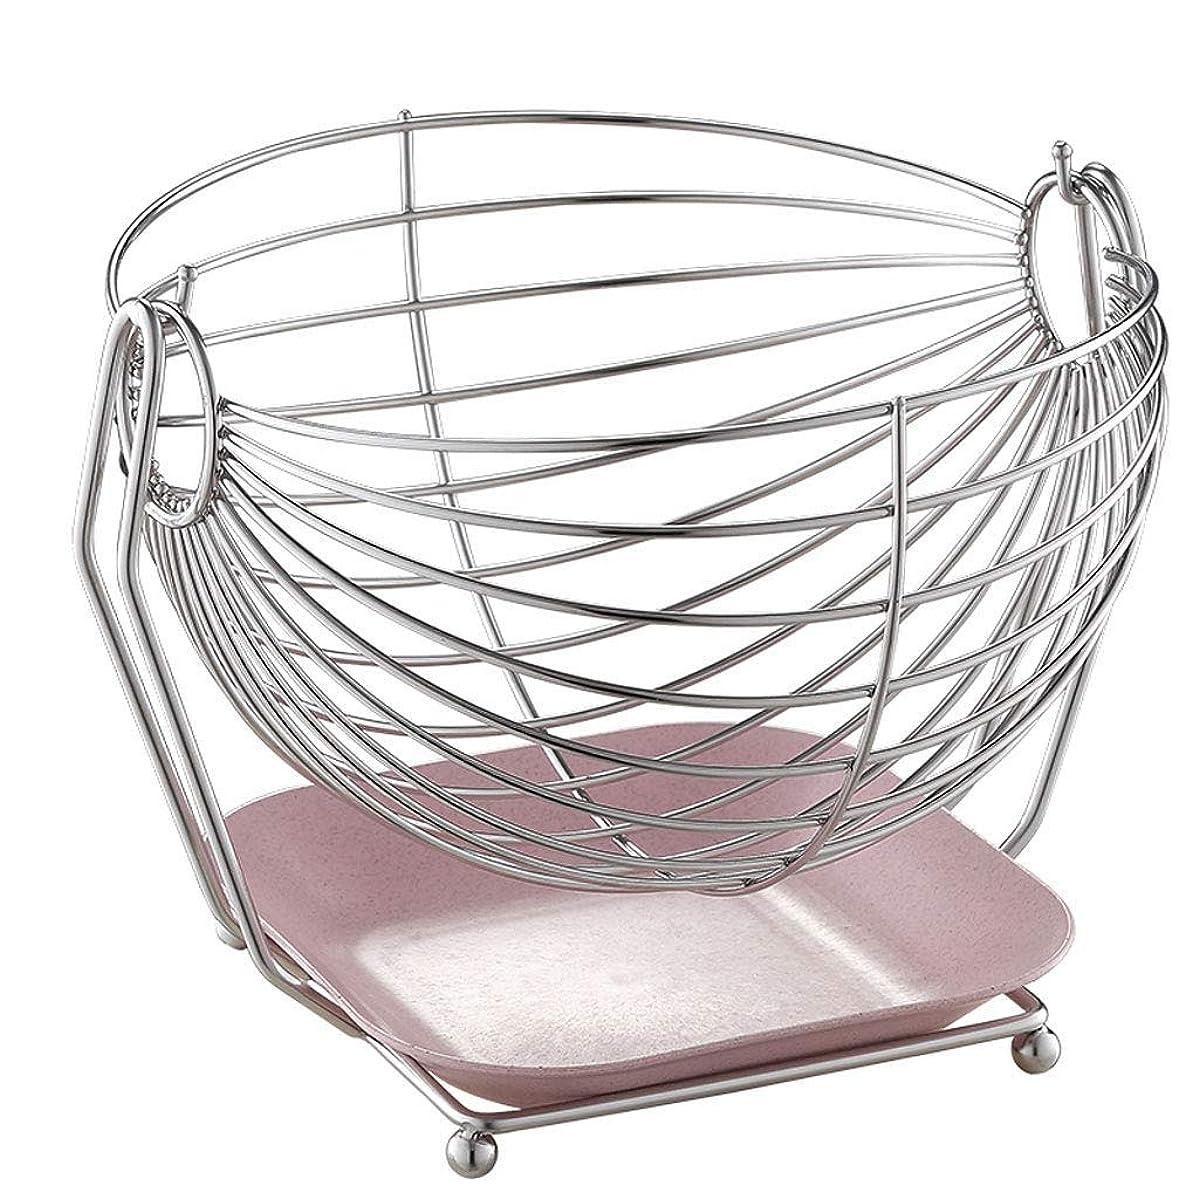 普通に地区寛解スイングフルーツハンモックステンレス鋼フルーツバスケット大容量キッチン収納バスケット現代の装飾20 * 25 * 27 cm